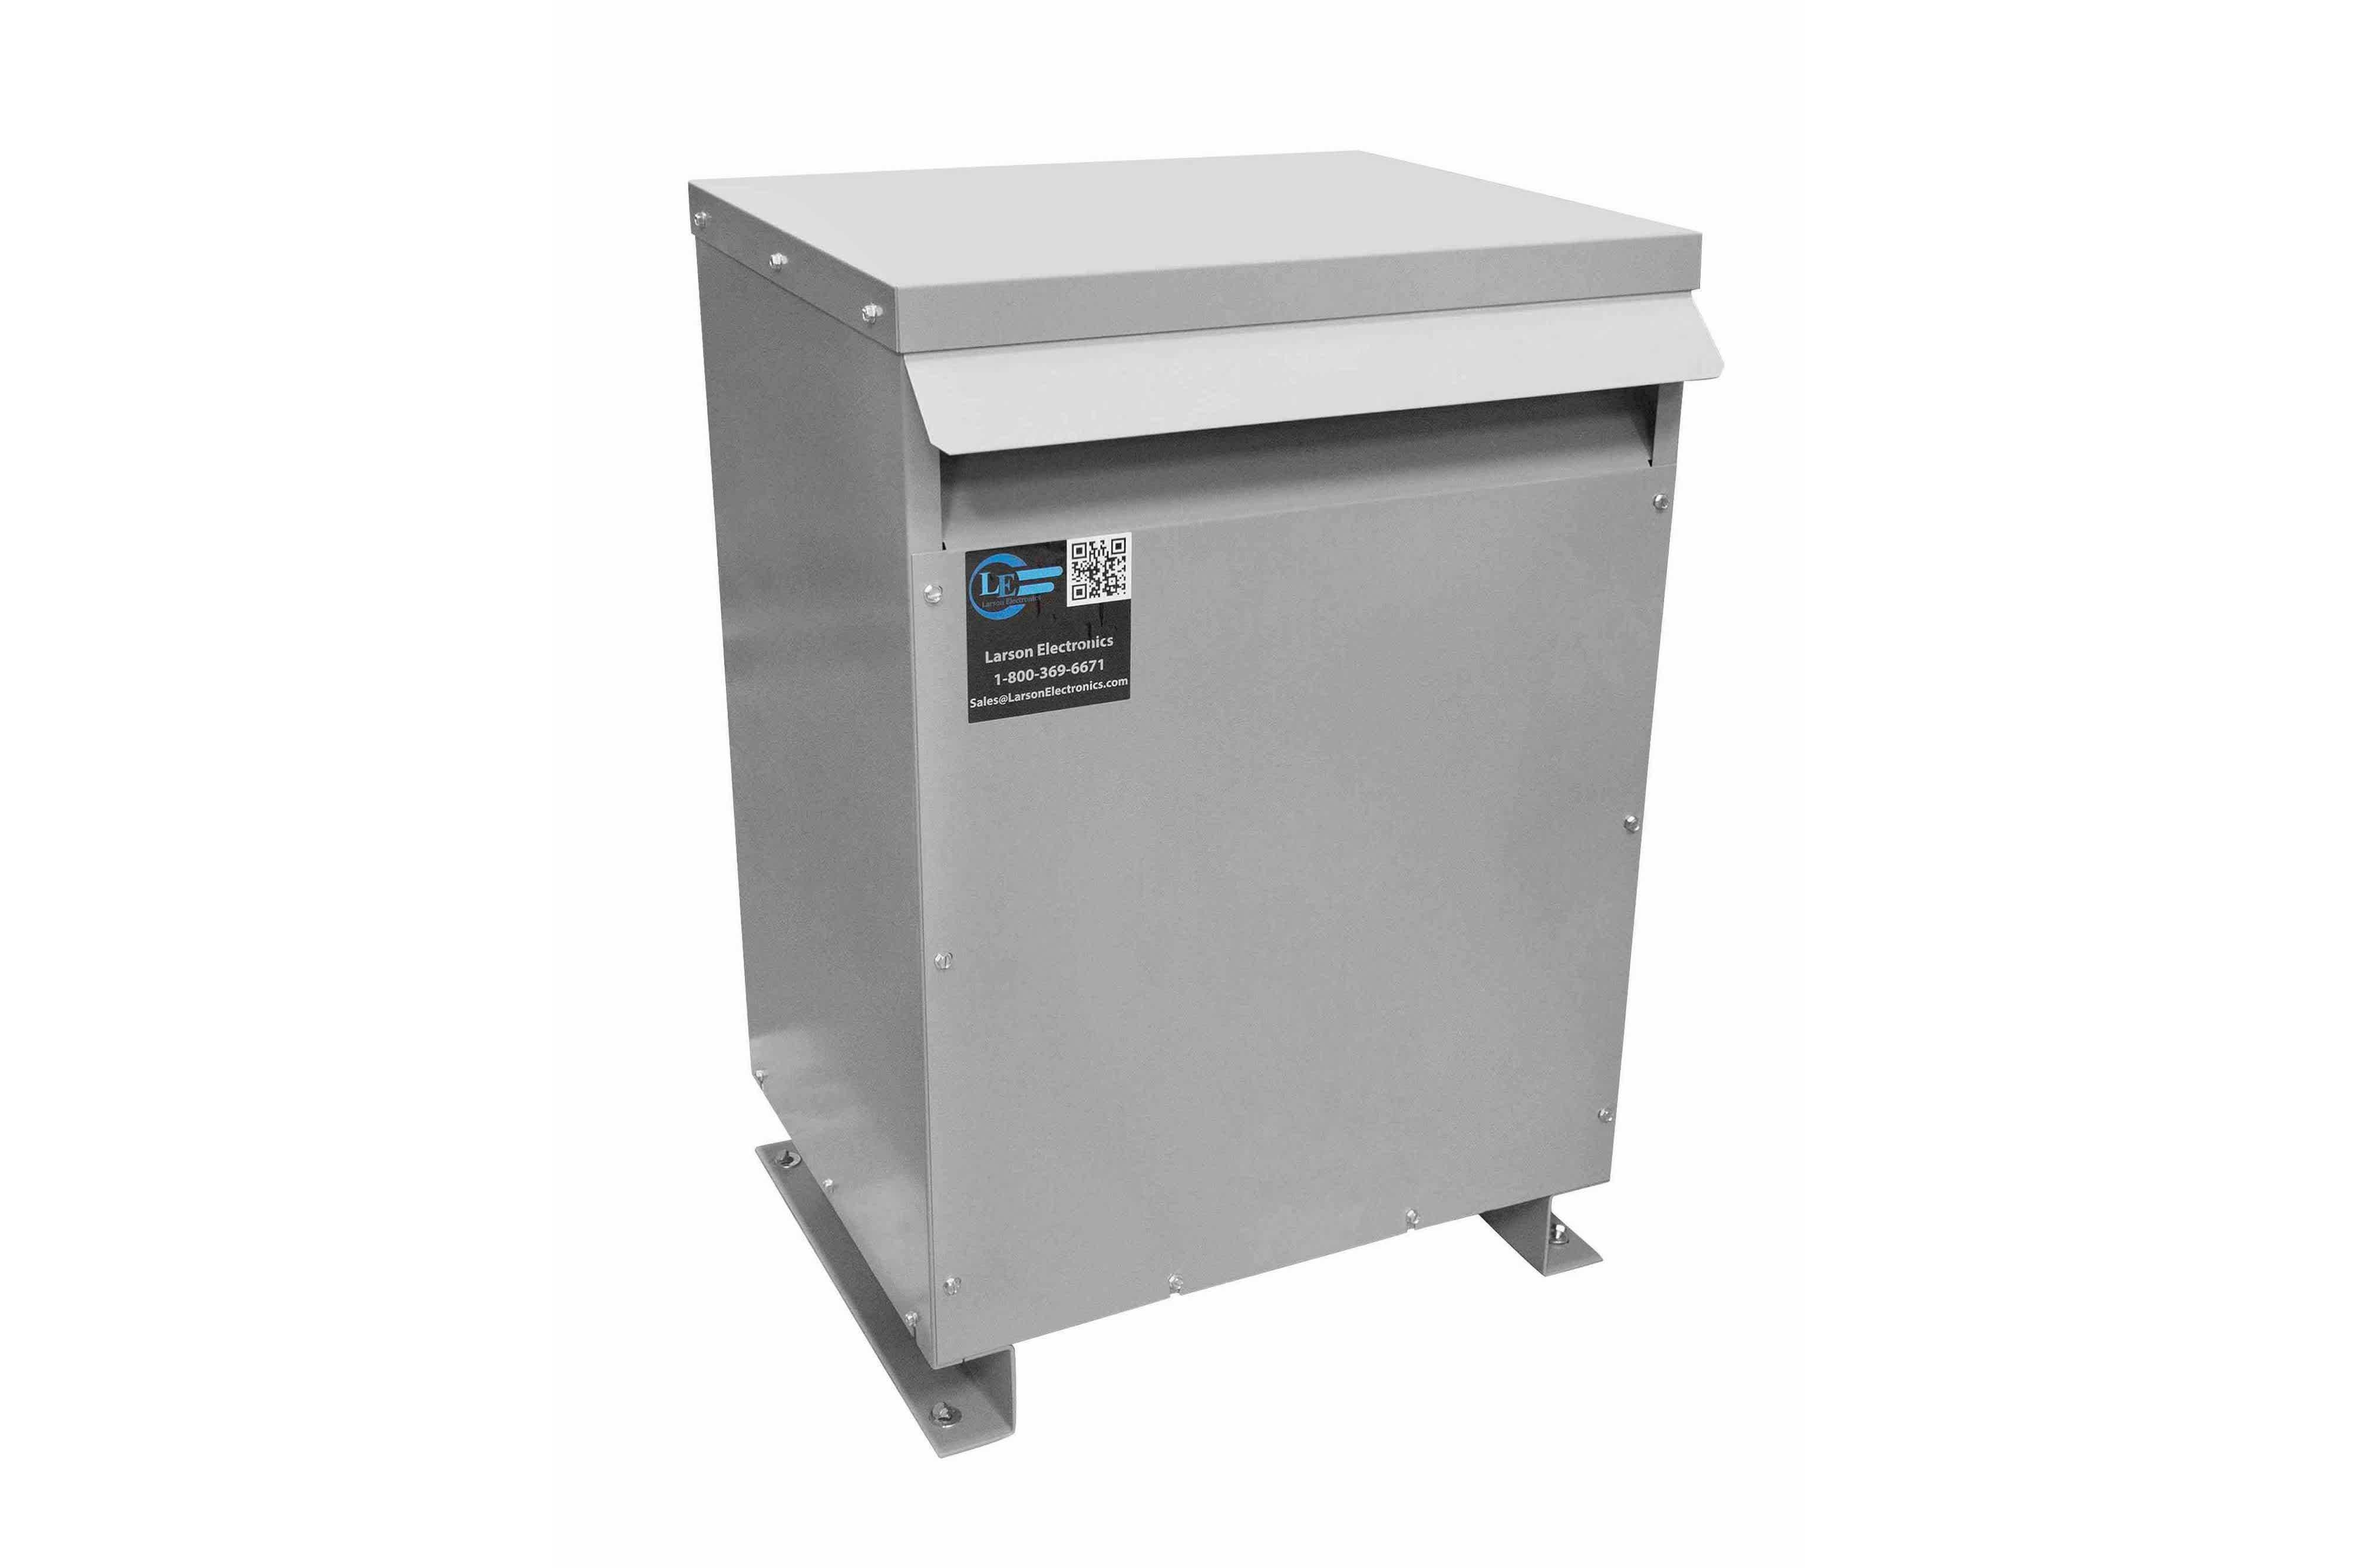 42.5 kVA 3PH Isolation Transformer, 460V Delta Primary, 600V Delta Secondary, N3R, Ventilated, 60 Hz